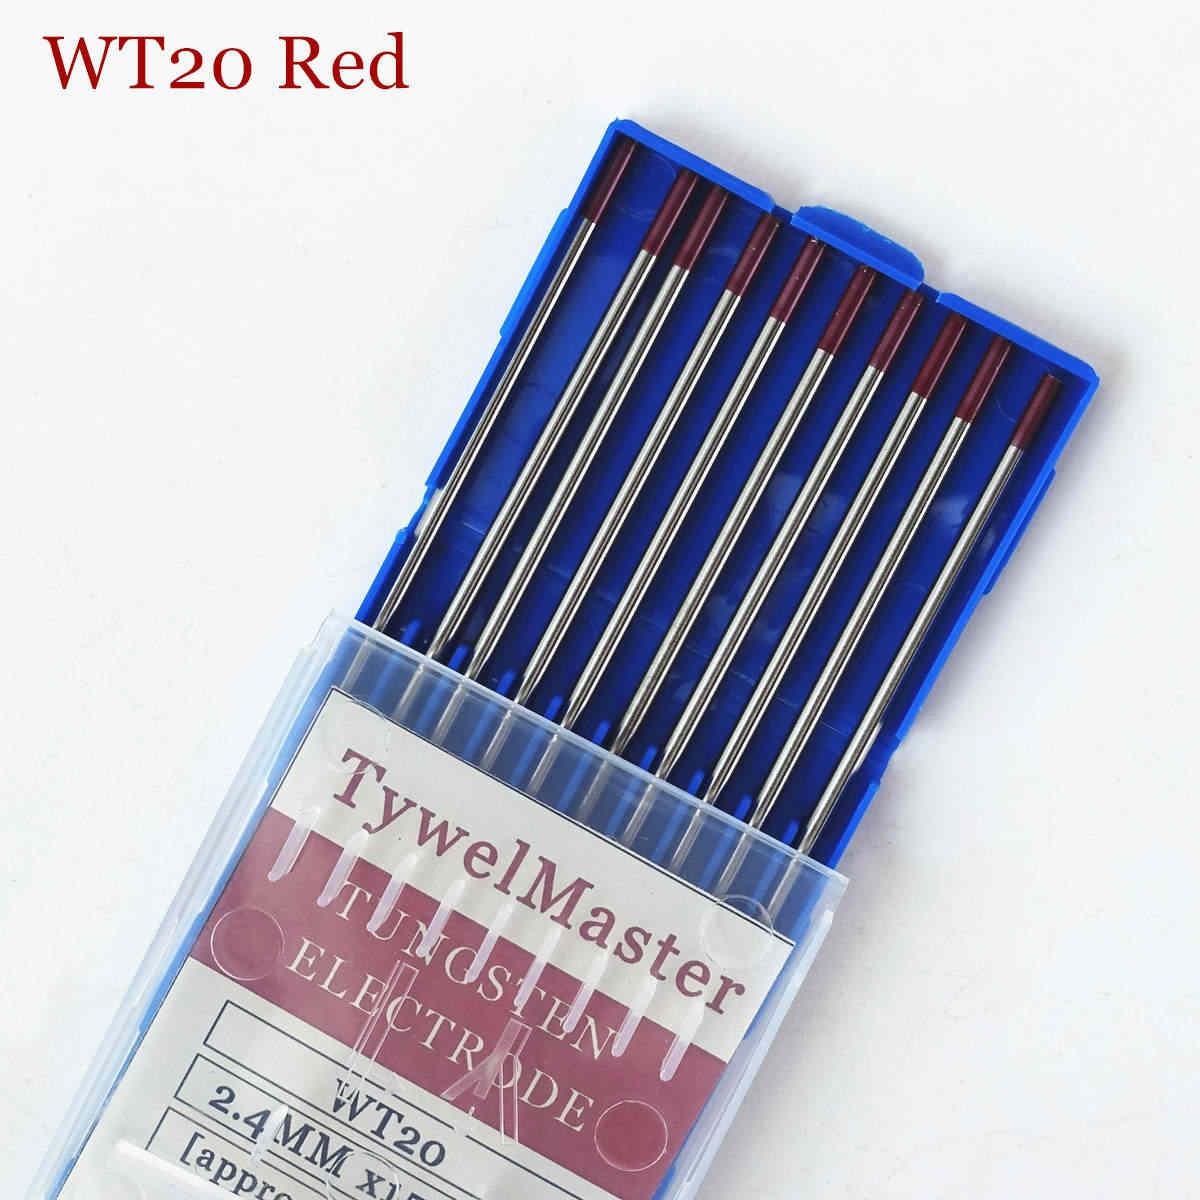 プロのタングステン電極溶接電極1.0 1.6 2.0 2.4 3.0 3.2 4.0ミリメートルWT20 WC20 WL20 WL15 WZ8 wp WY20 WR20 tigロッド